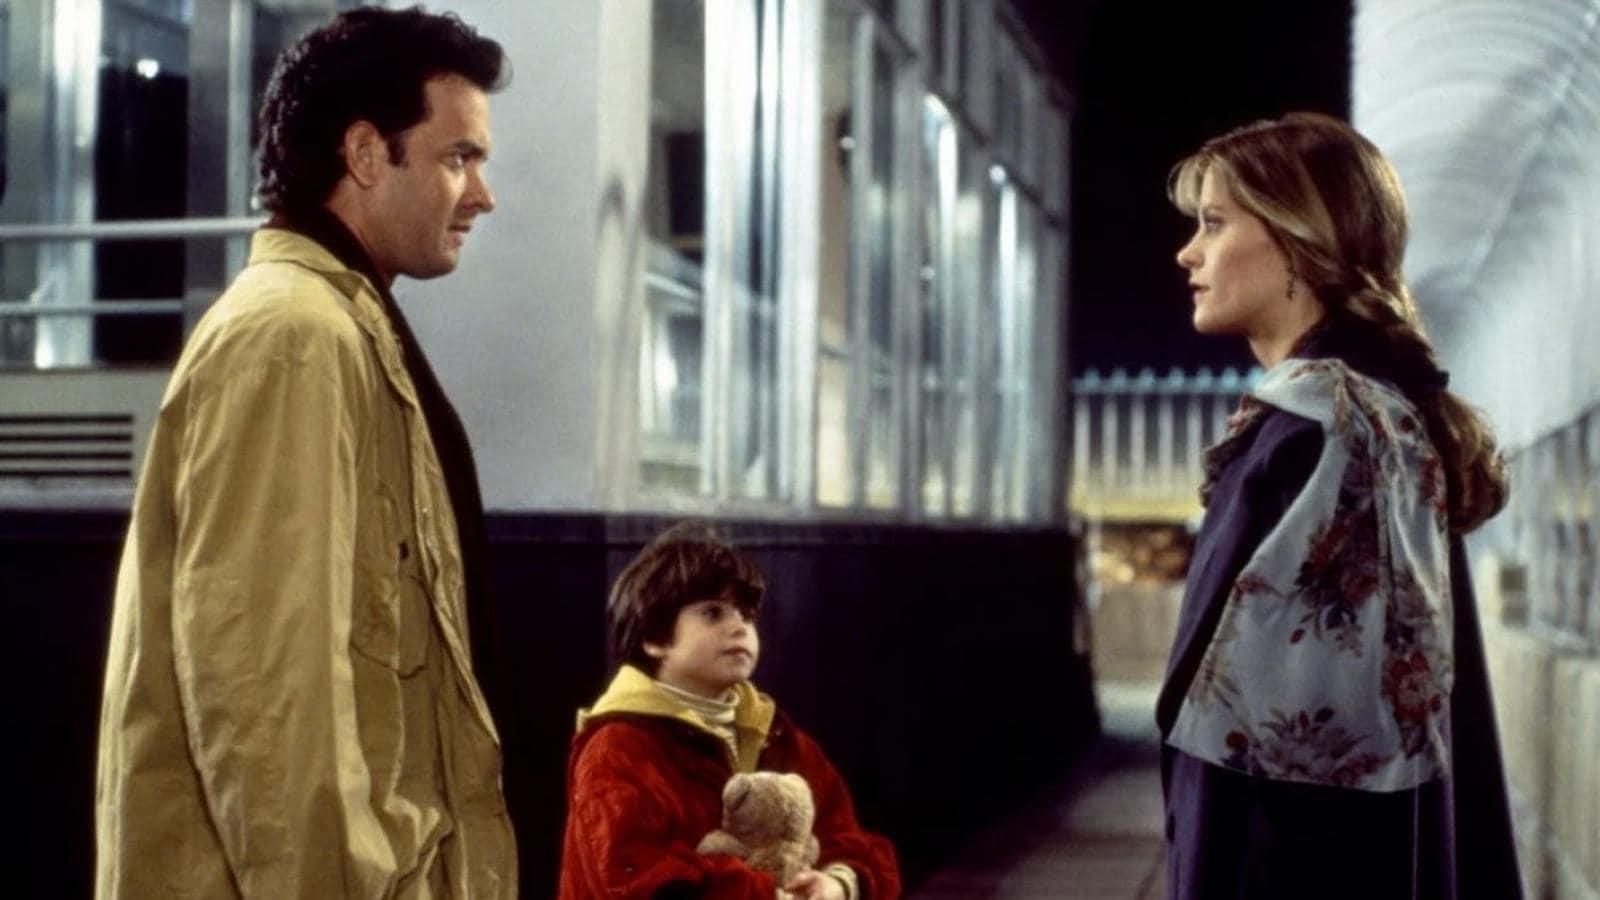 Sam Jonah ed Annie nella scena finale di Insonnia d'Amore. Jonah indossa stringe un peluche e guarda Annie. La donna e l'uomo si guardano negli occhi.